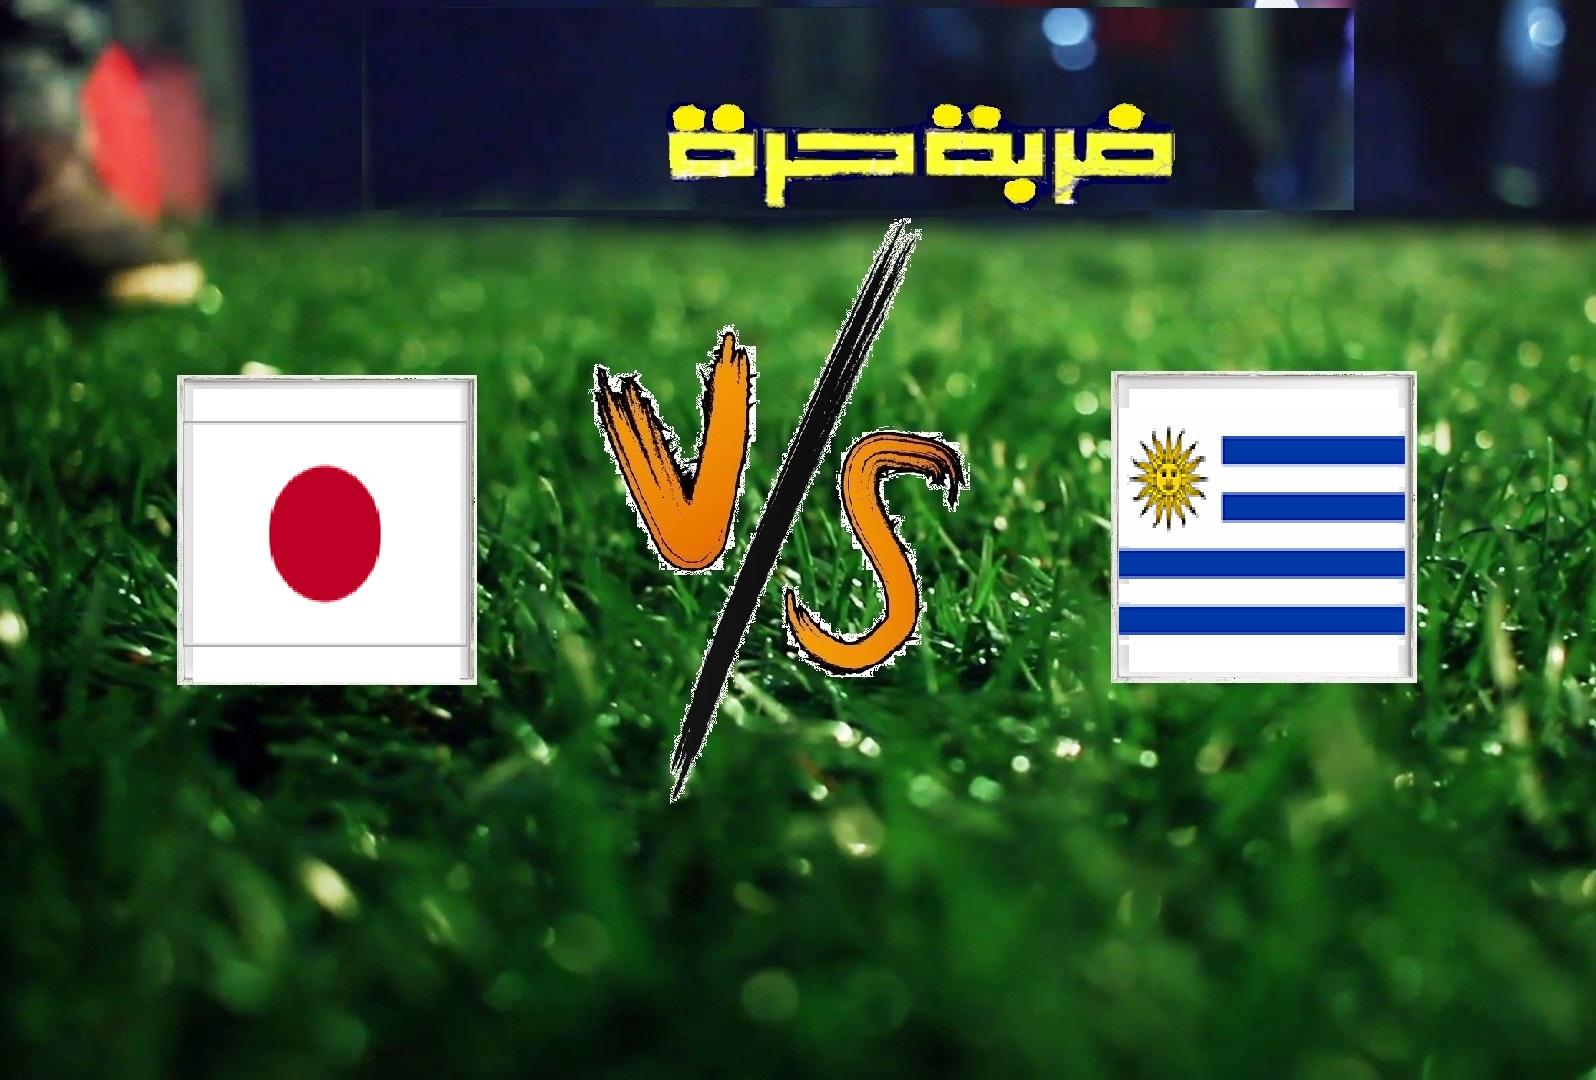 يلا شوت مشاهدة مباراة أوروجواي واليابان اليوم الخميس بتاريخ 21-06-2019 كوبا أمريكا 2019